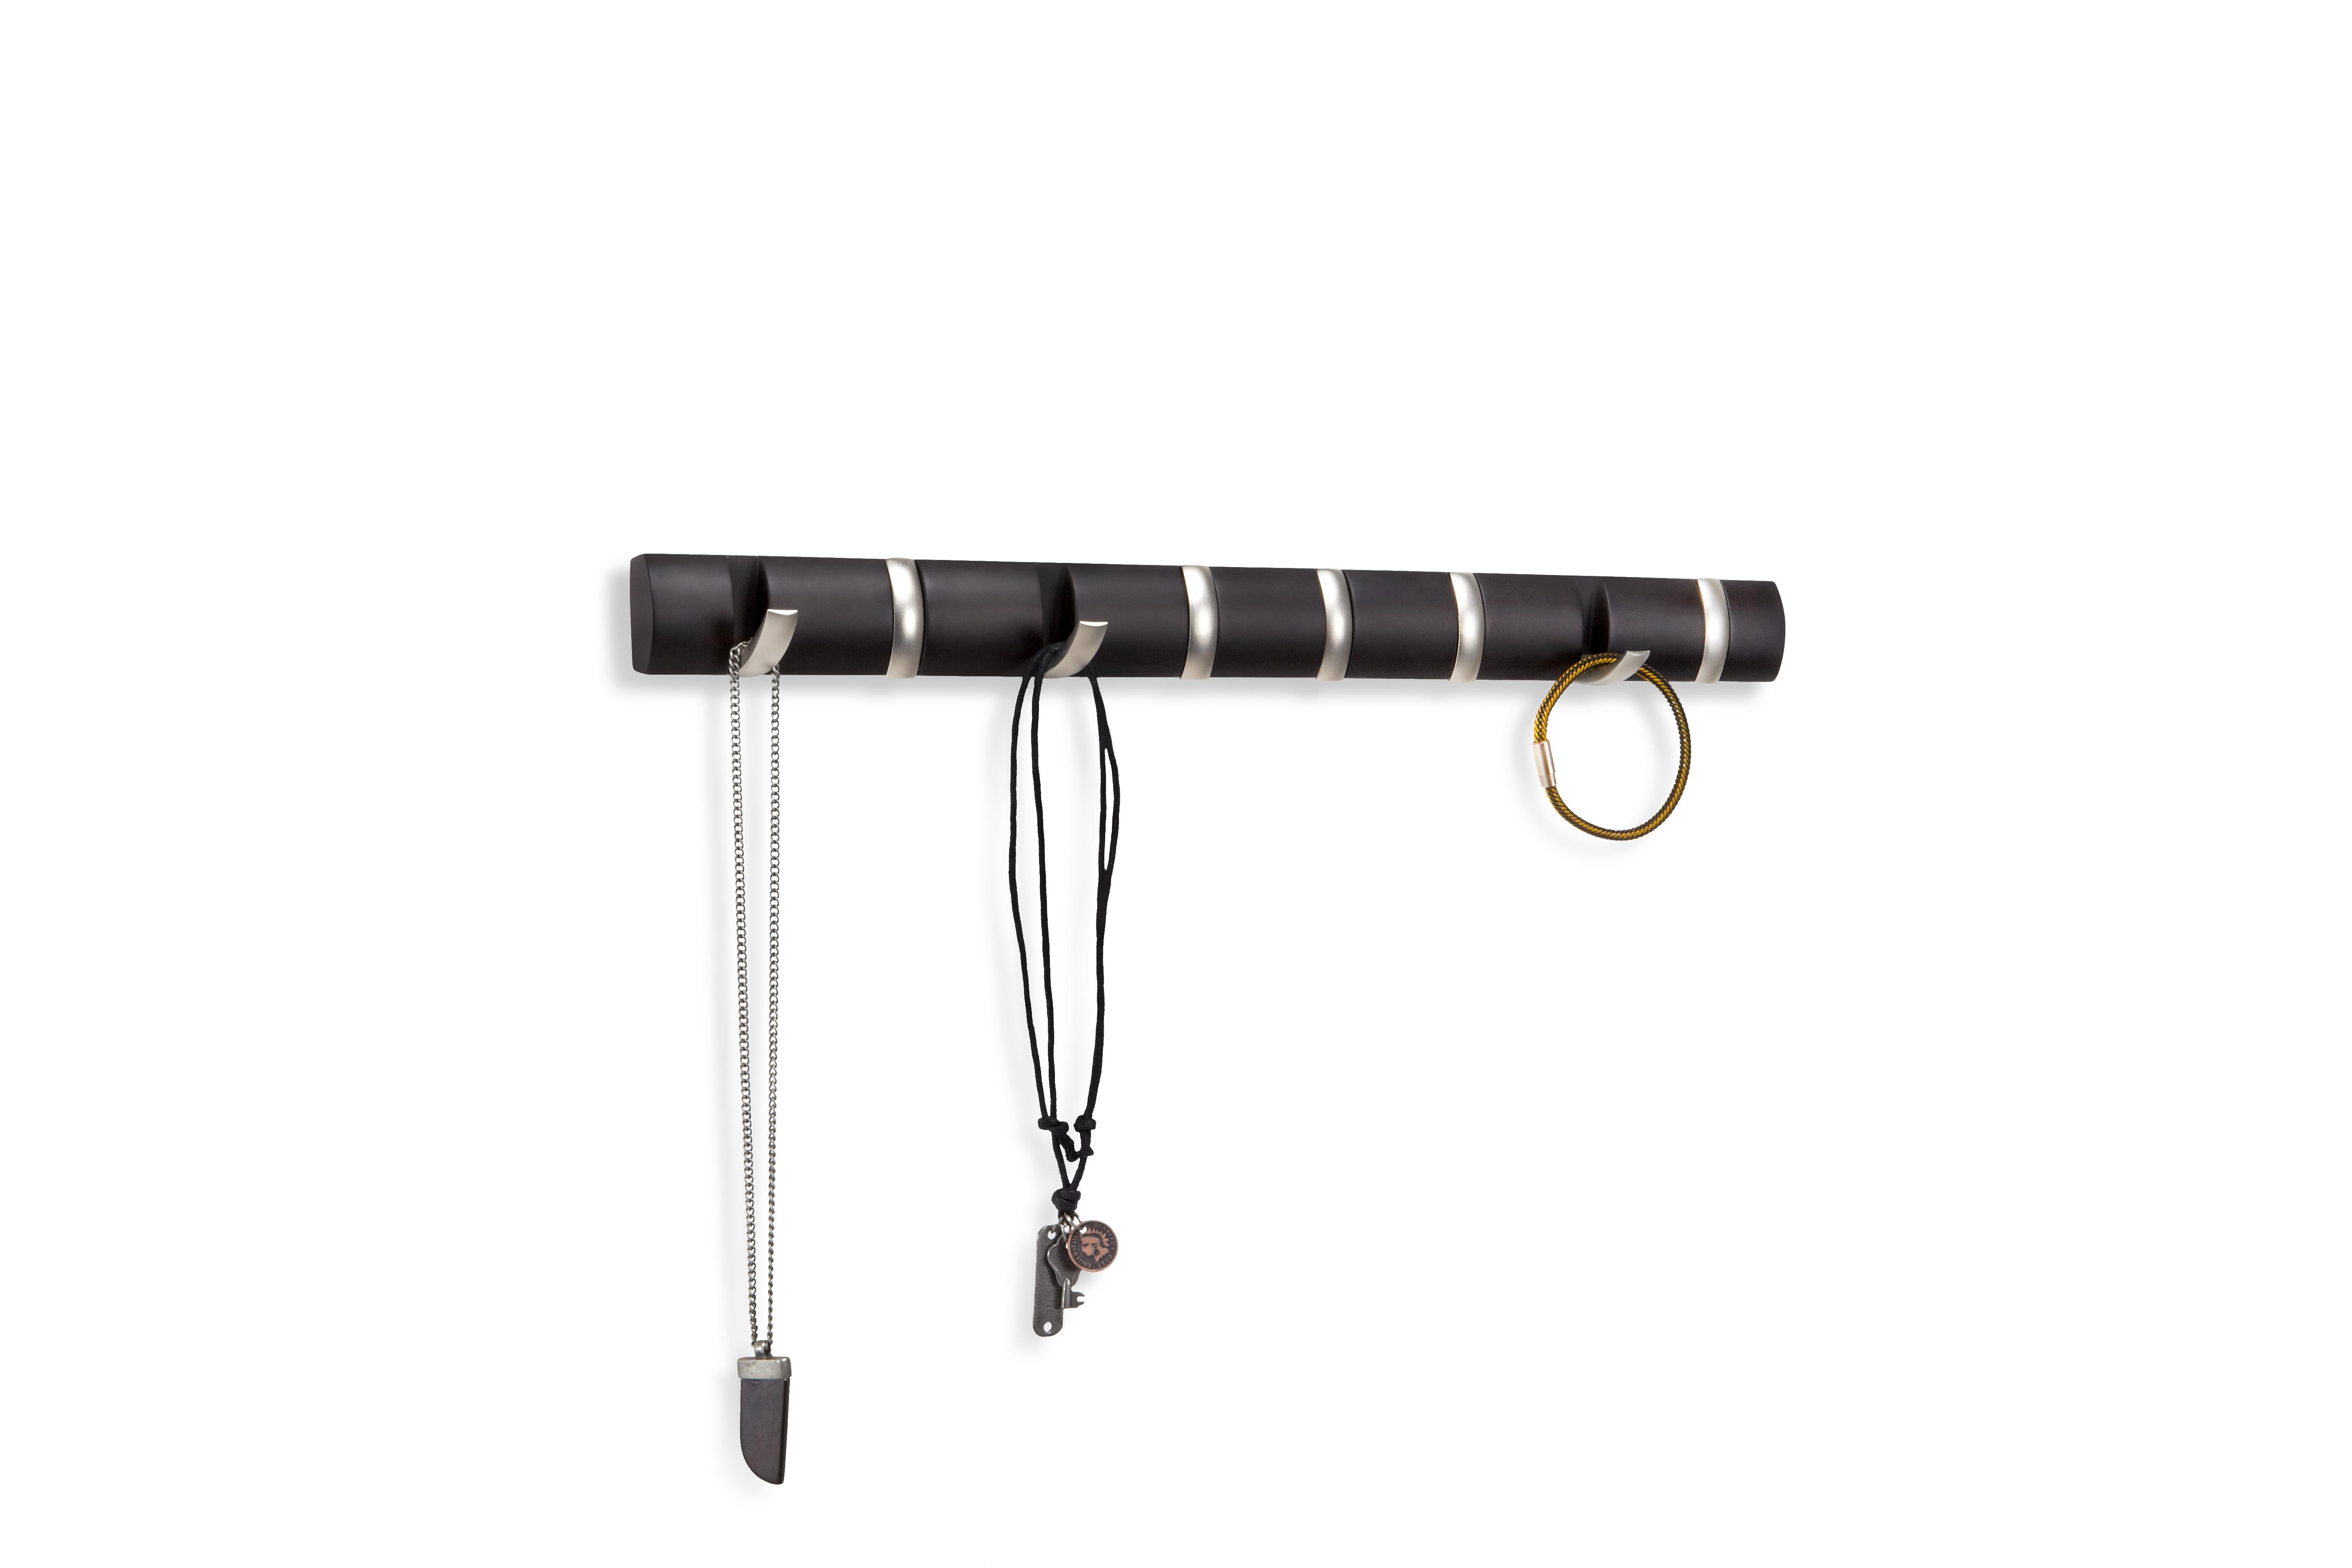 Umbra flip 8 garderobenhaken moderne schlichte und for Einfache garderobenleiste